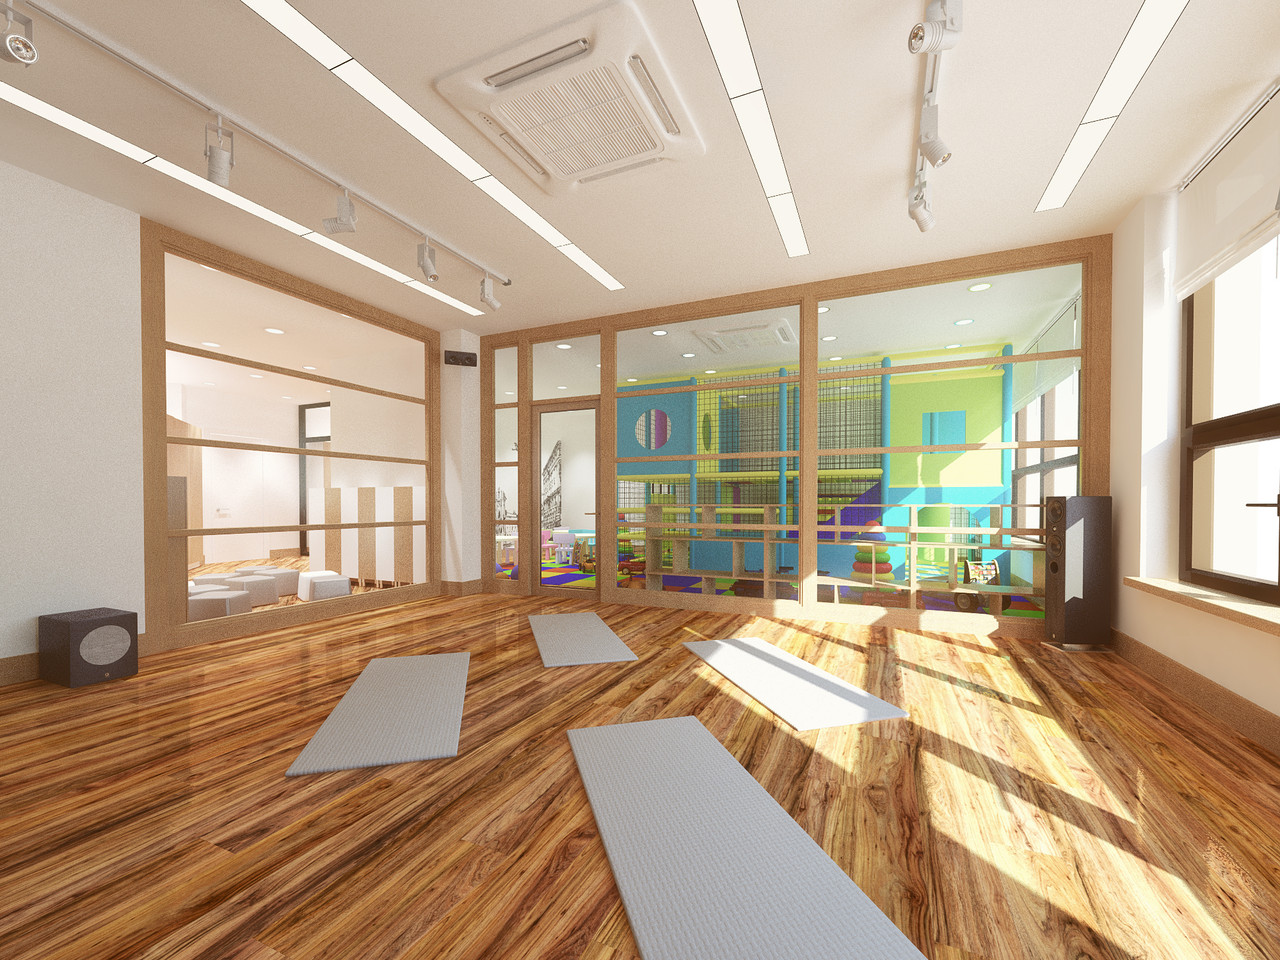 Дизайн зала для йоги с детской площадкой